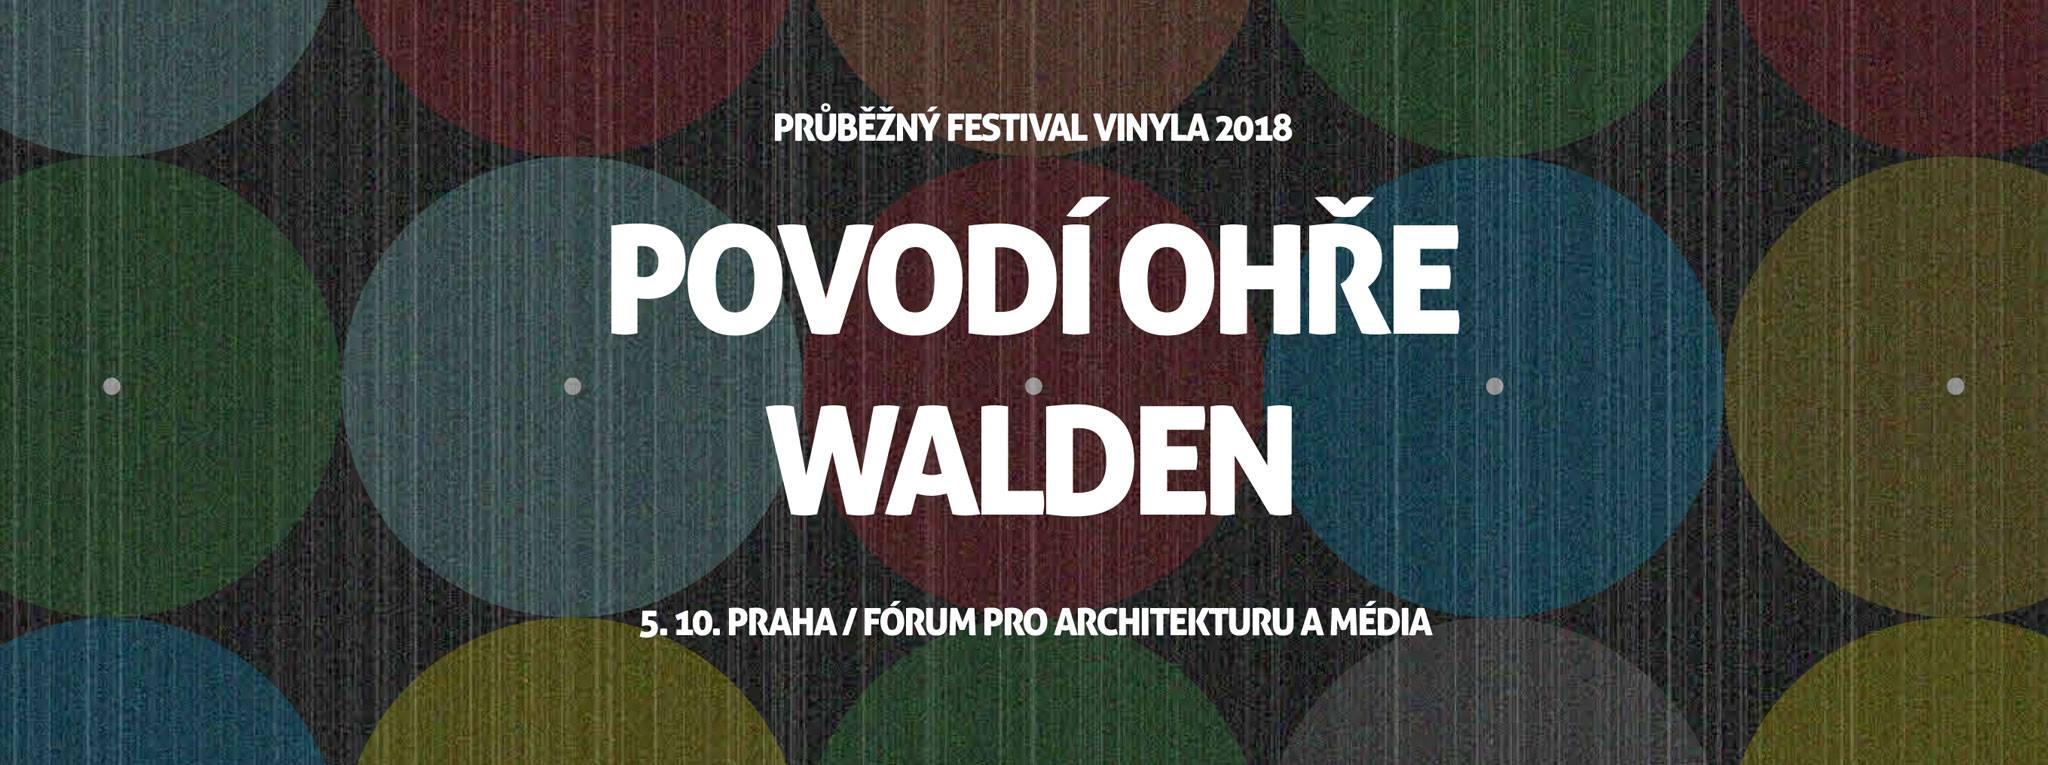 PÁ / 5.10. / 20.00 / Vinyla: Povodí Ohře, Walden / koncert